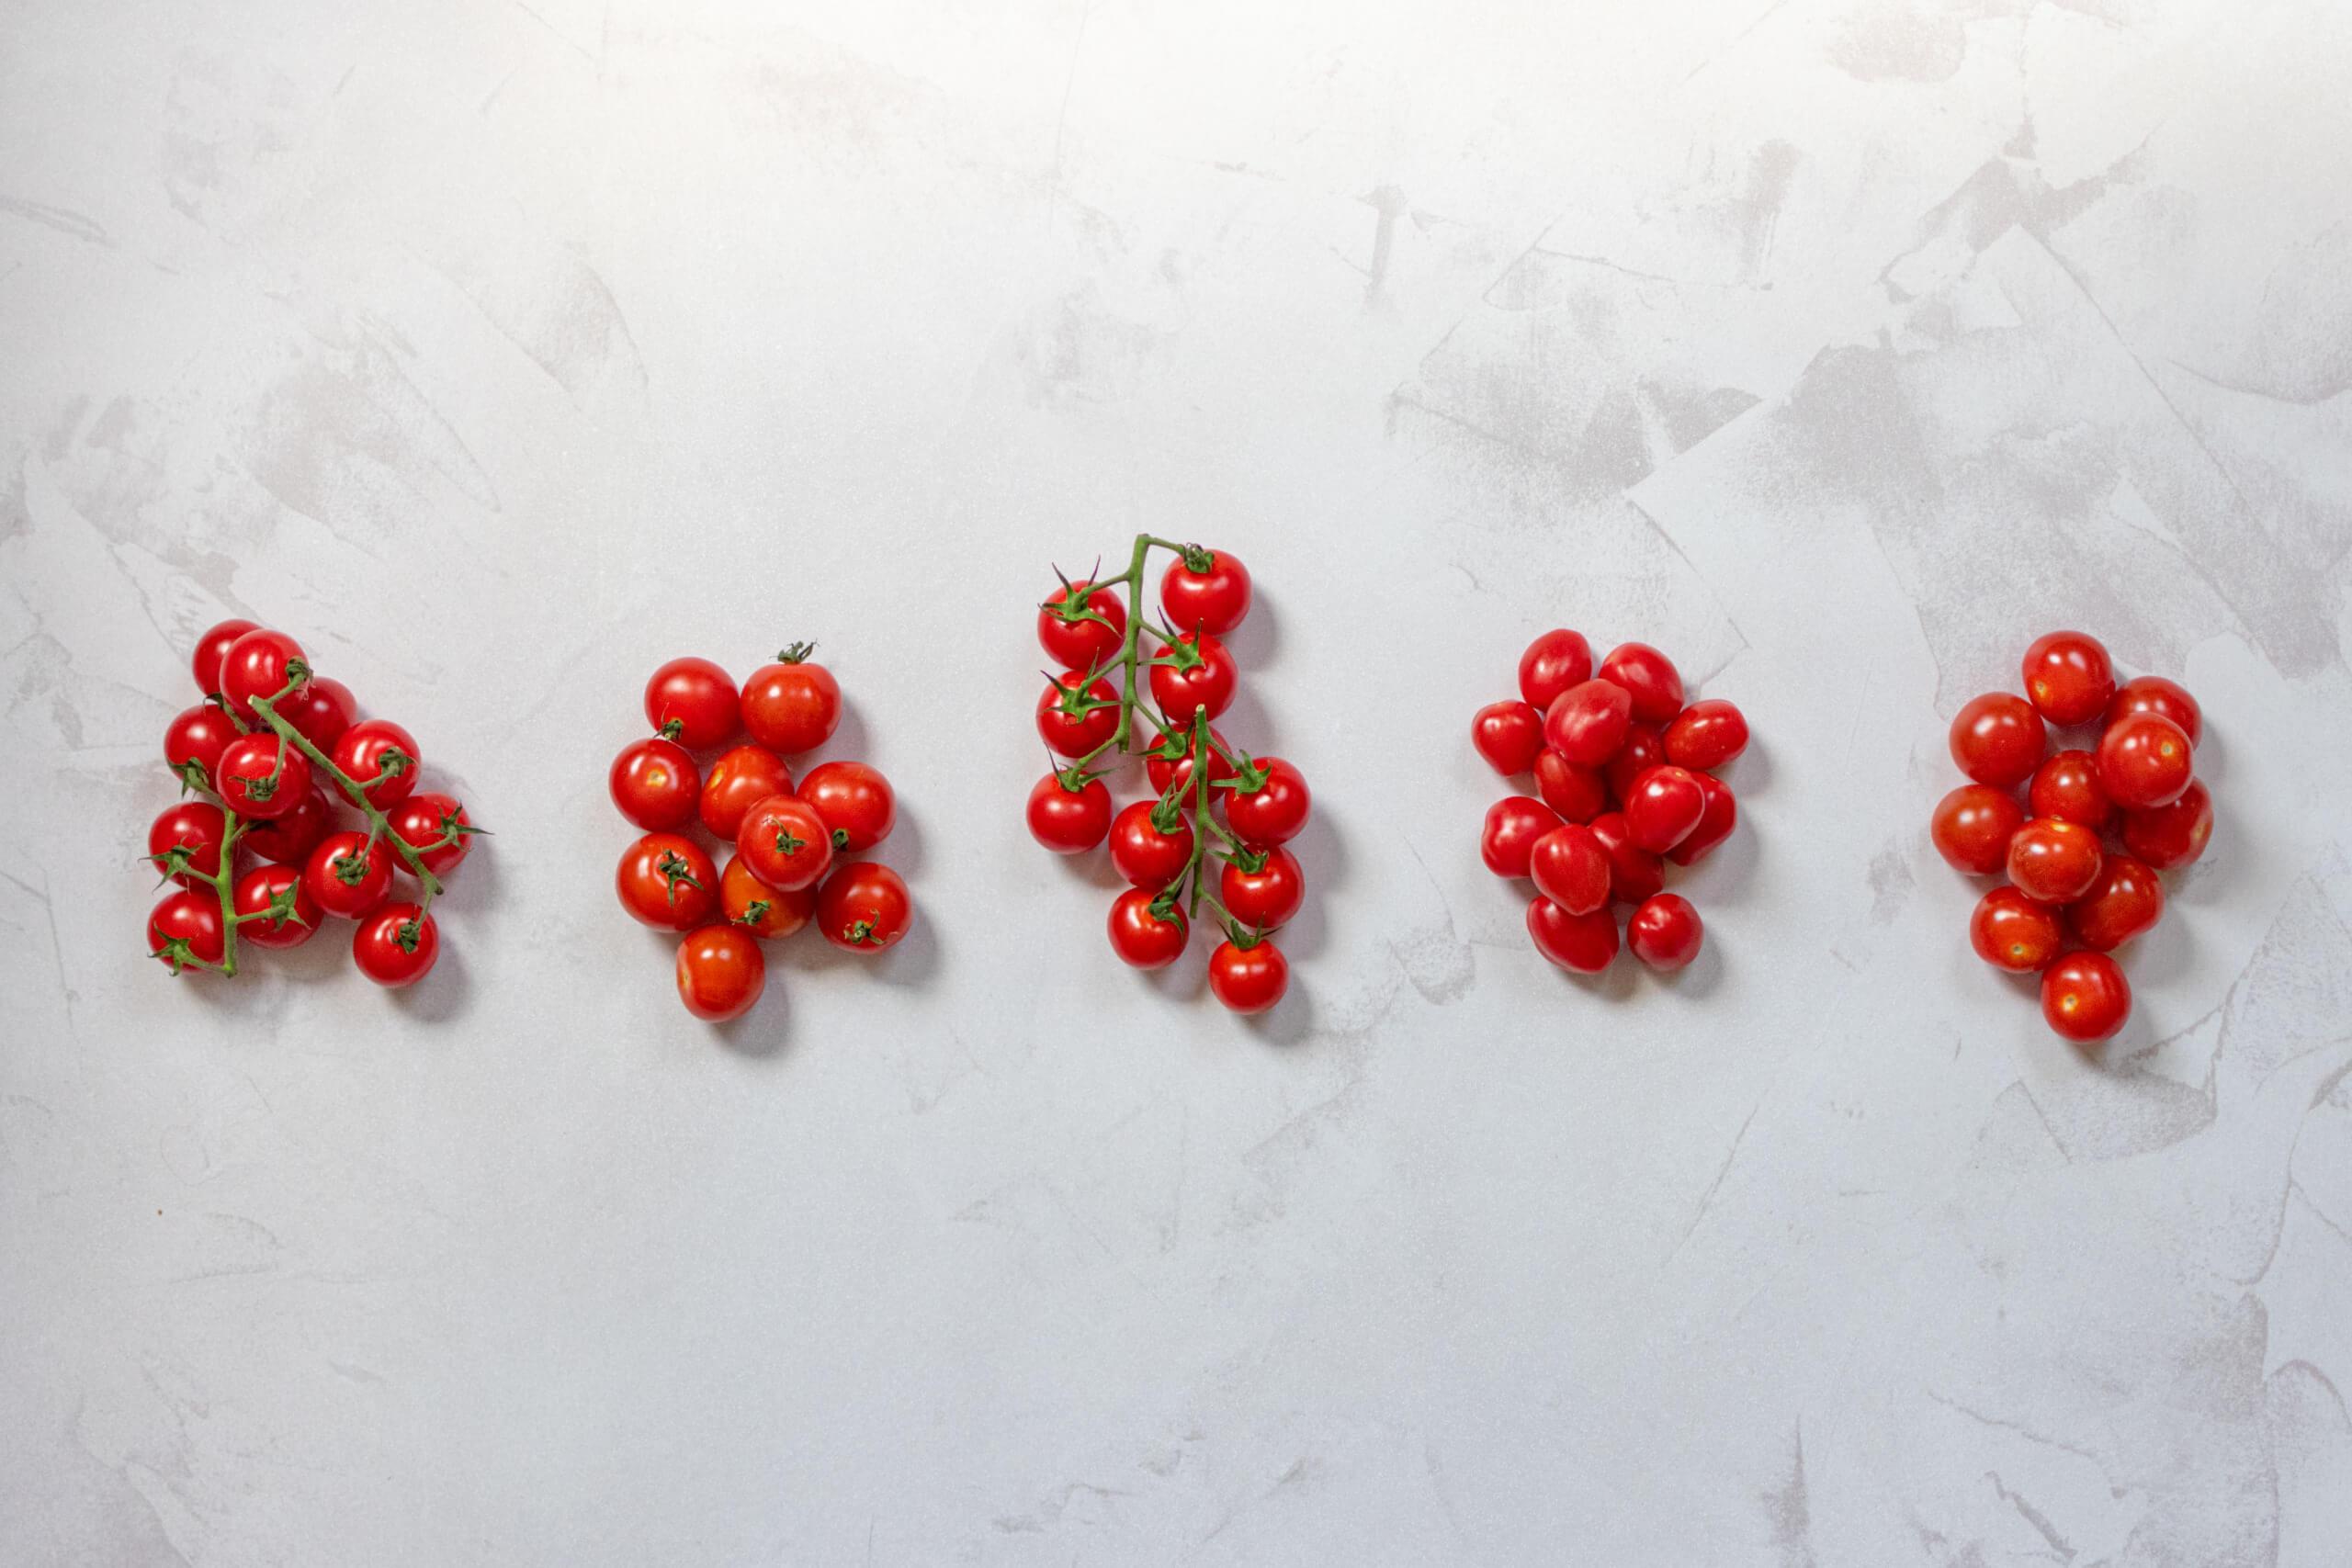 Wat is de cherrytomaat met de beste smaak?